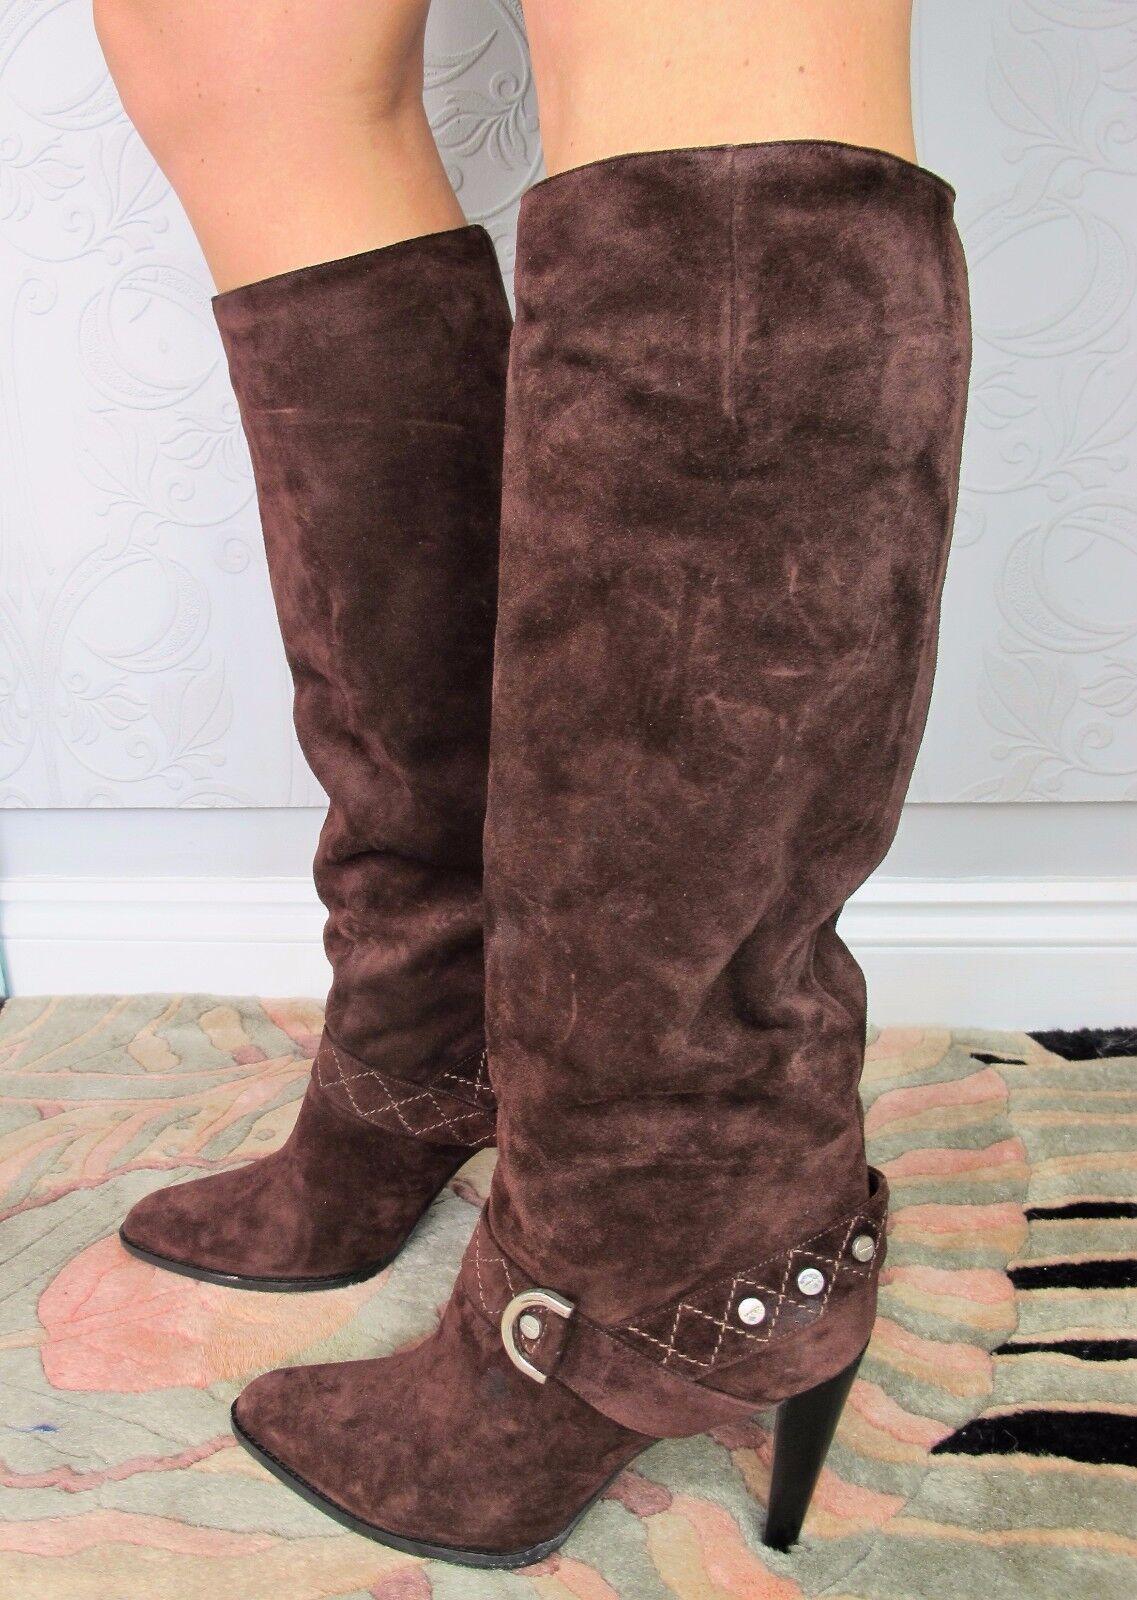 Givenchy CROSTA braun Suede Stiefel. High heel. Größe EU 40 40 40   UK 7. Boxed. 7becf3